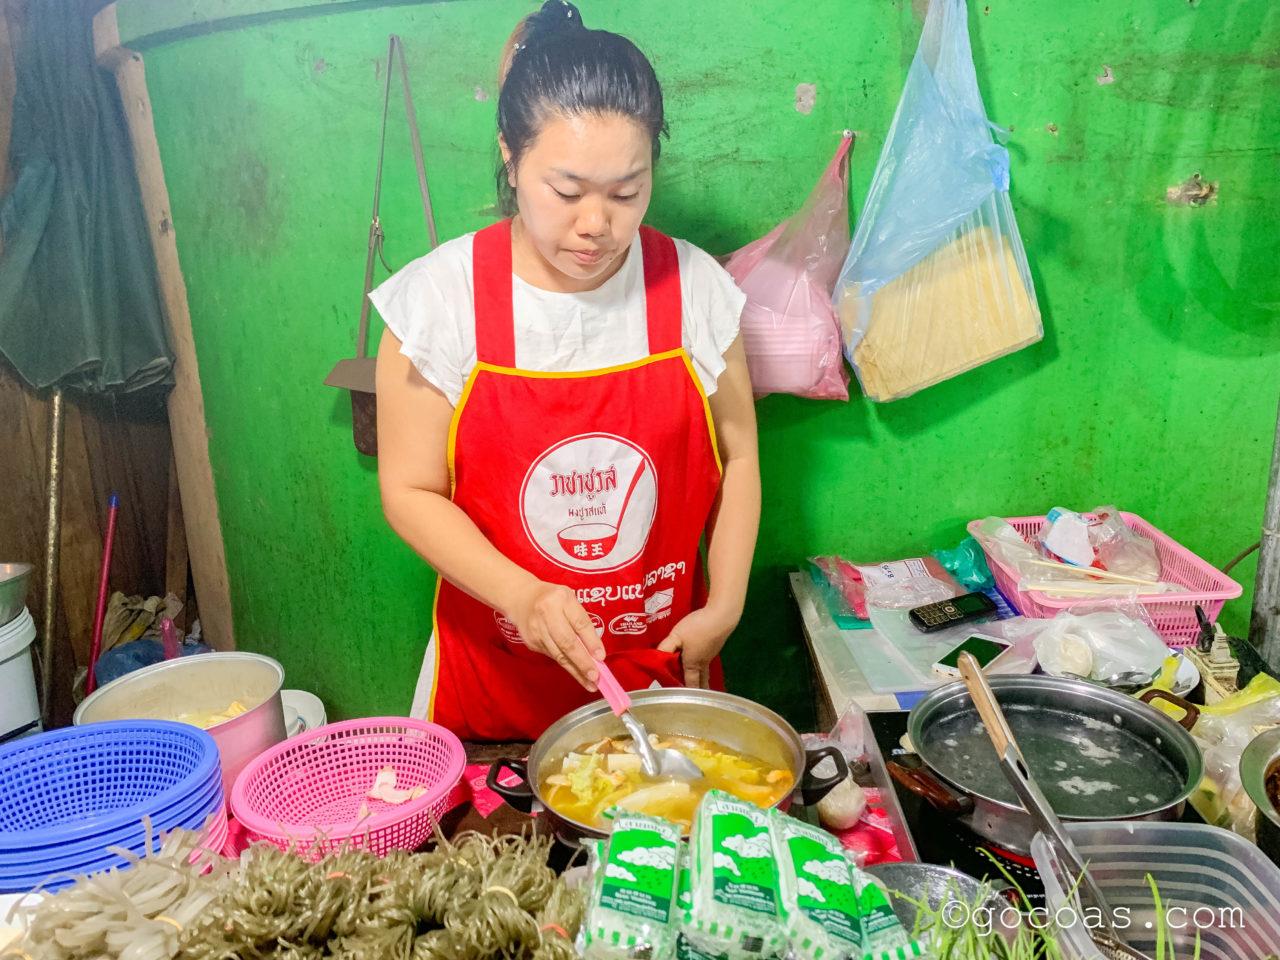 ルアンパバーンのナイトマーケットの飲食コーナーに並ぶ鍋の屋台でスタッフが調理しているところ